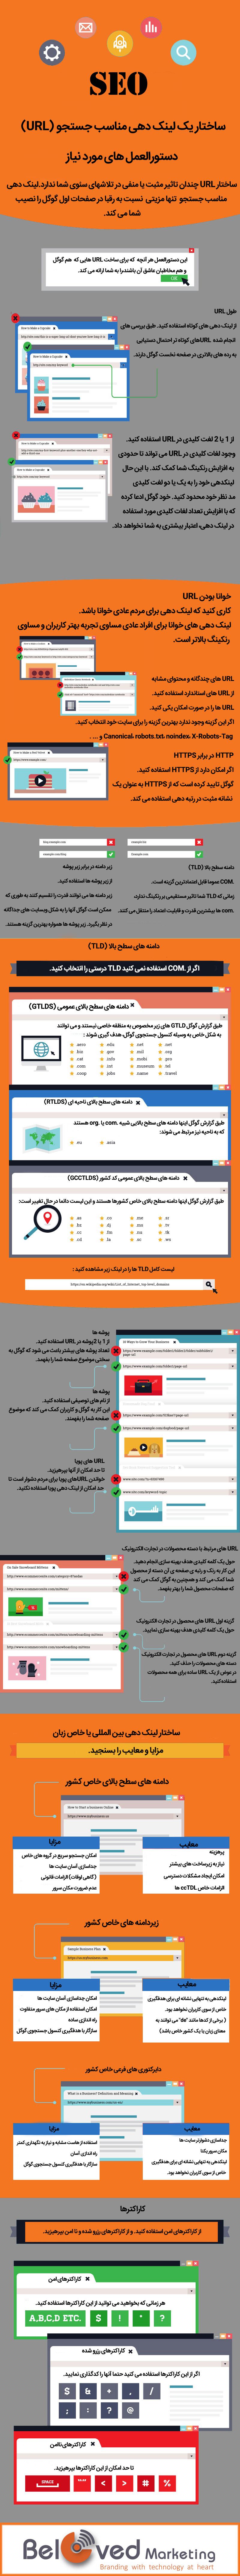 ساختار یک لینک دهی مناسب جستجو (URL) برای وب سایت- اینفوگرافیک